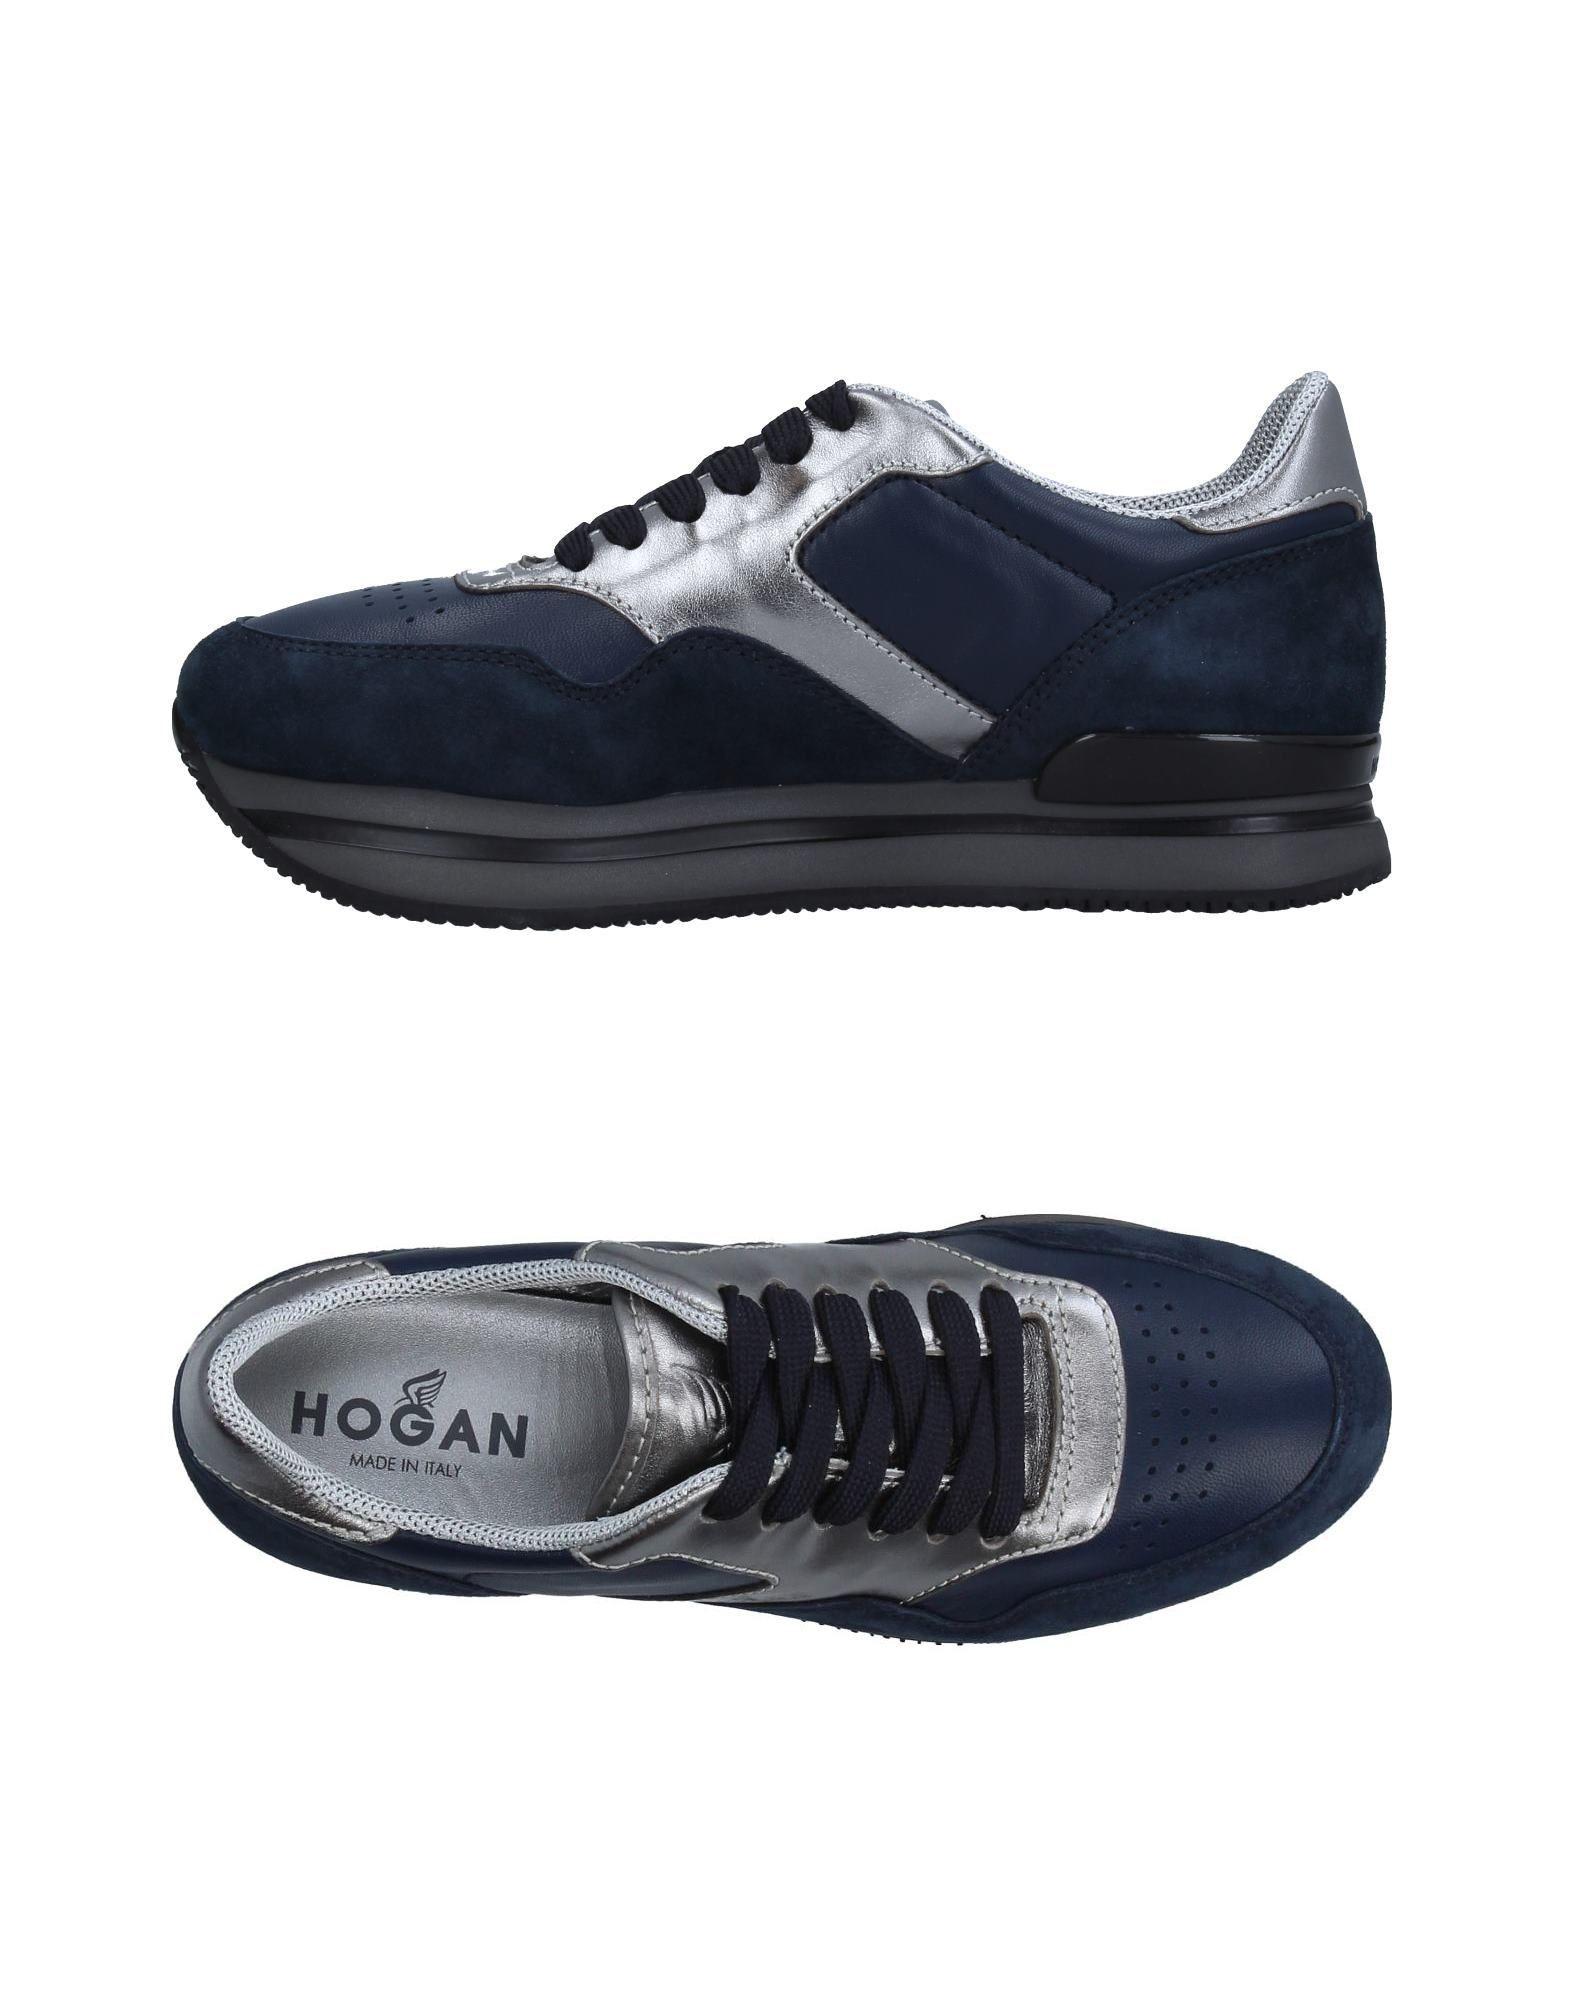 Zapatillas Hogan Mujer Zapatillas - Zapatillas Mujer Hogan  Burdeos 2c7f3d